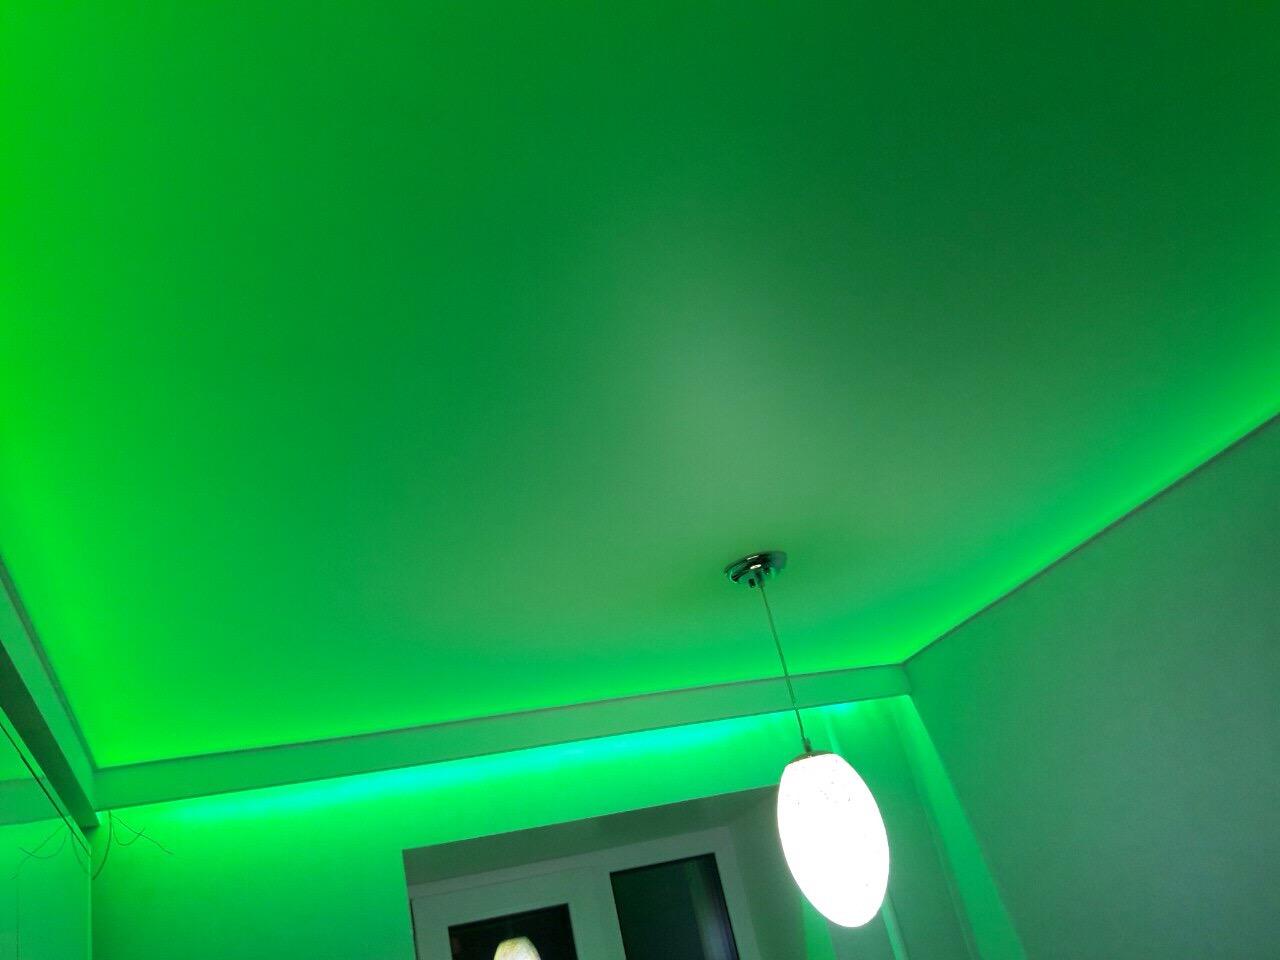 признанию артистки, фото натяжных потолков одноцветных в комнате отлично просматриваются